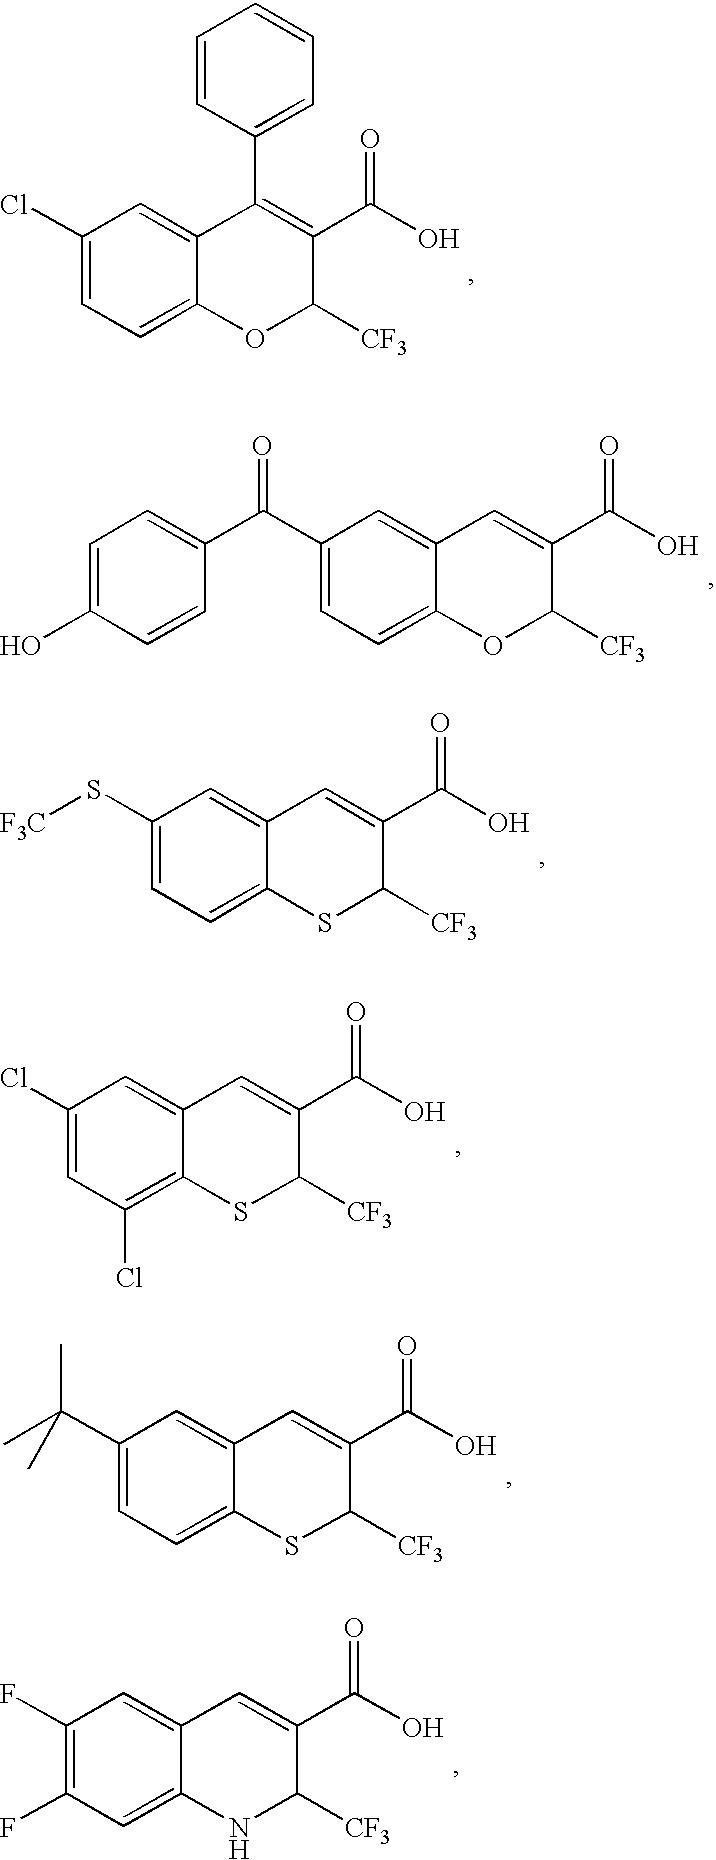 Figure US20030211163A1-20031113-C00046